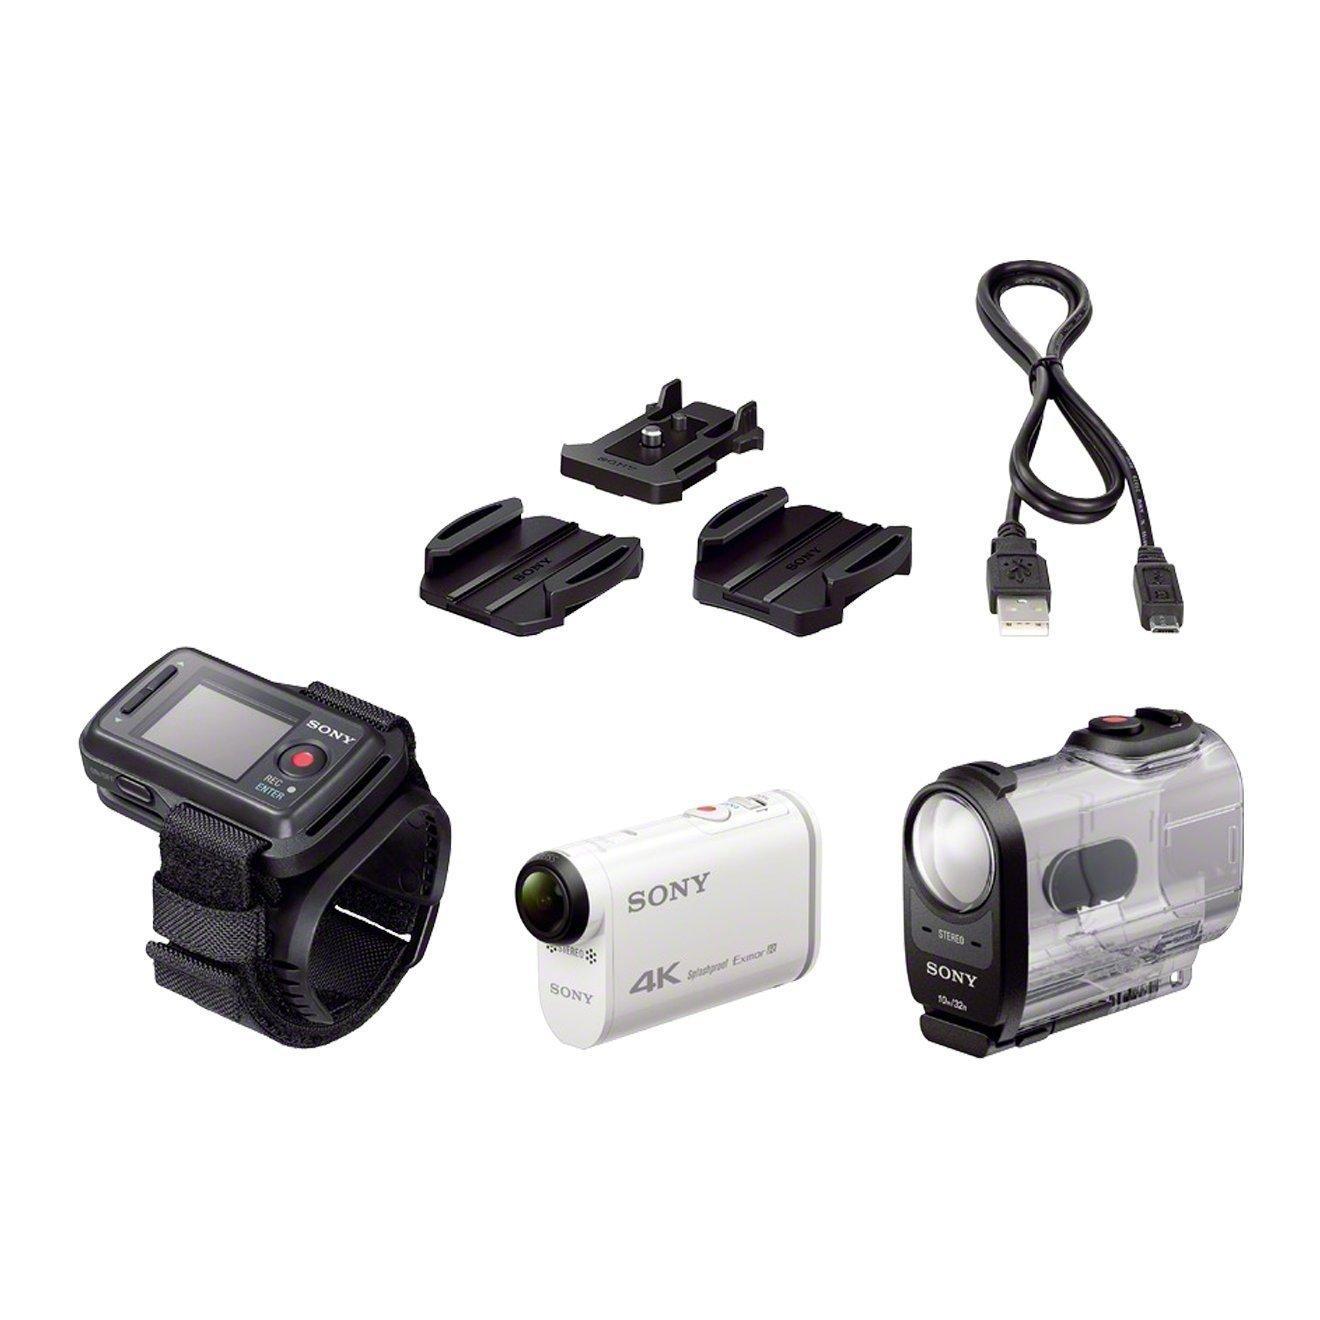 Caméra d'action sportive Sony FDRX1000VR - GPS intégré, 4K, Full HD, Wifi/NFC, Blanc + Montre de Pilotage